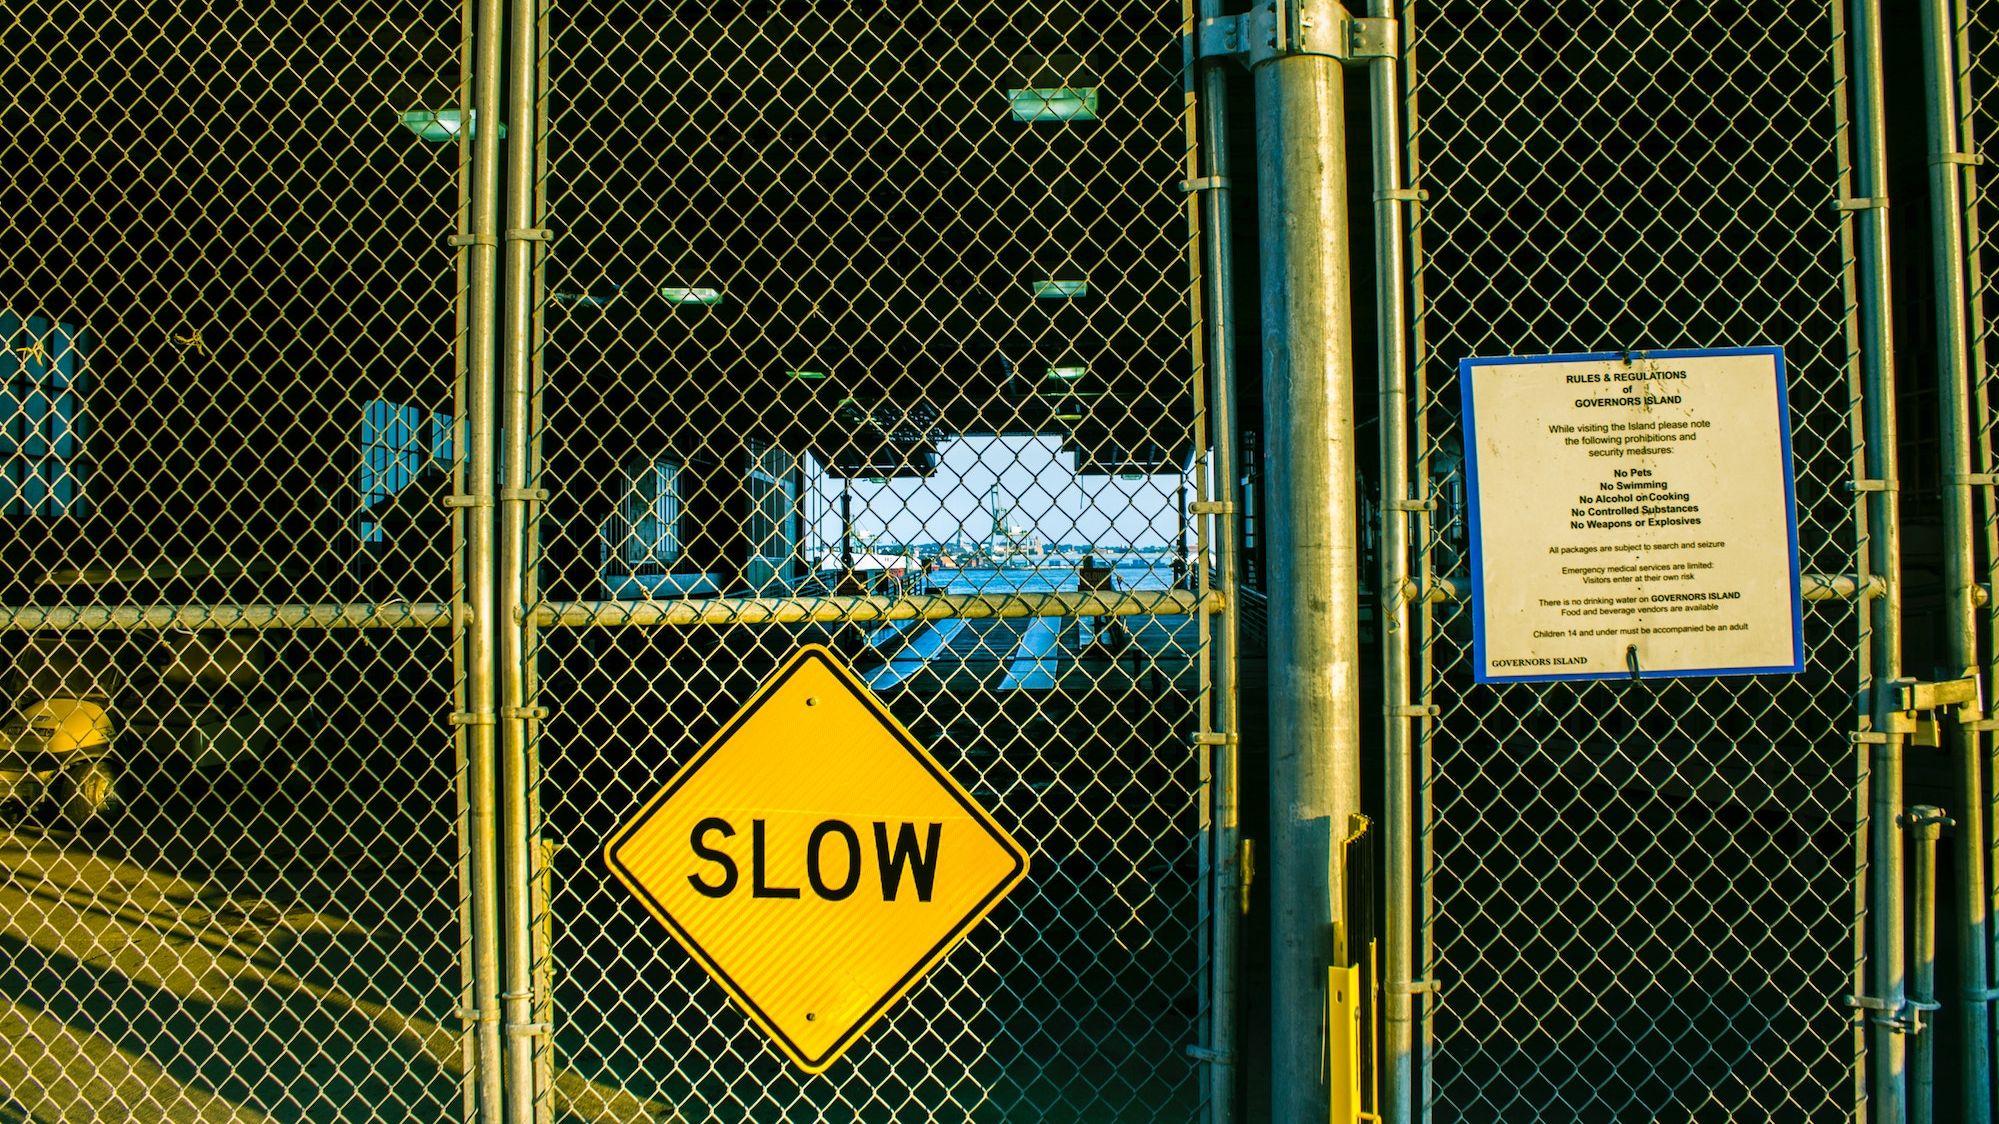 AIは規制するべき——米調査で明るみになった市民の意外な評価